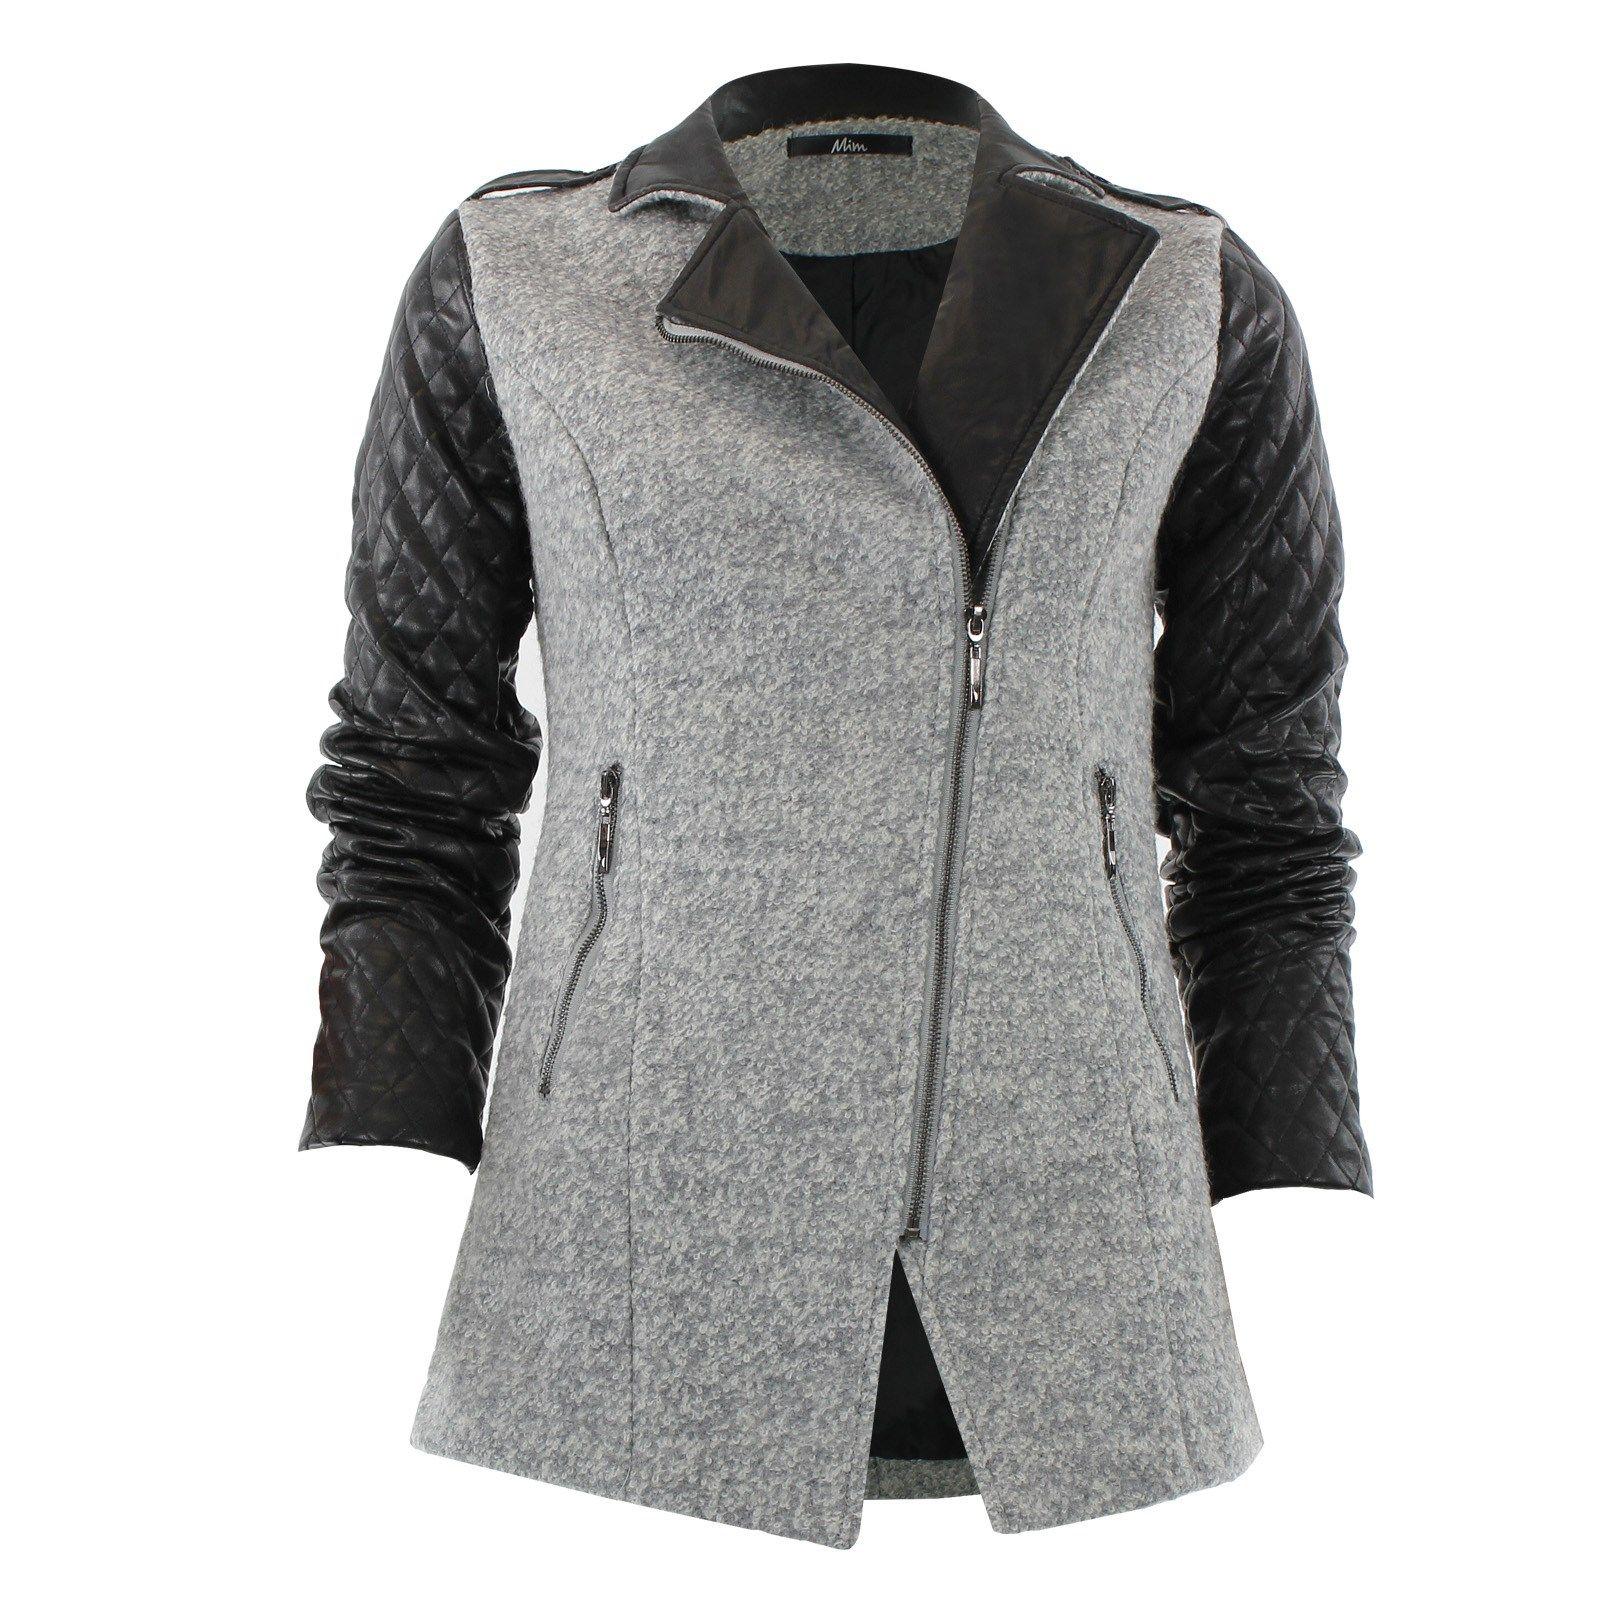 manteau bi mati re devant style pinterest manteau. Black Bedroom Furniture Sets. Home Design Ideas